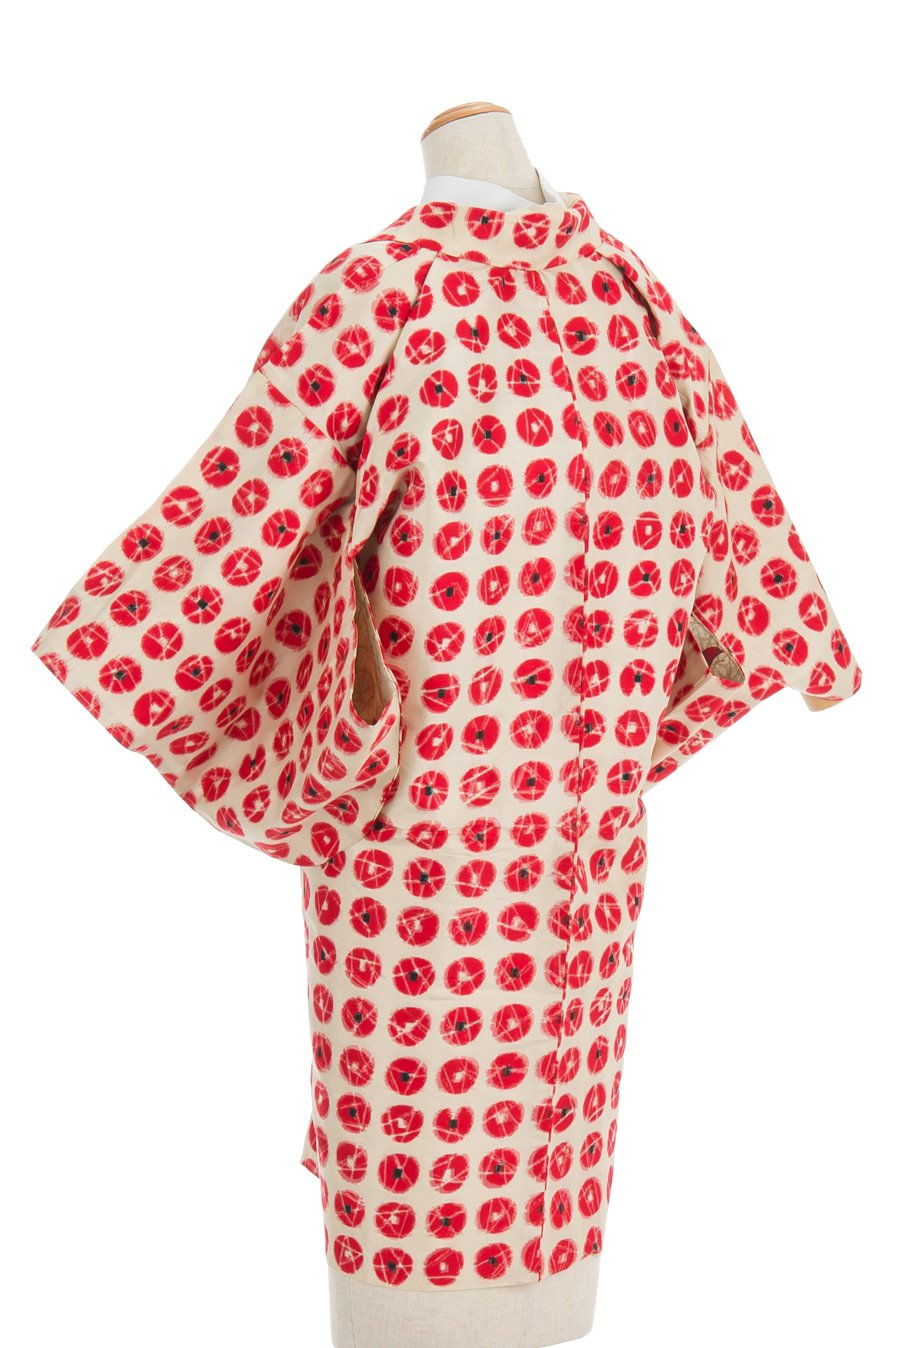 「アンティーク着物 銘仙 赤丸」の商品画像